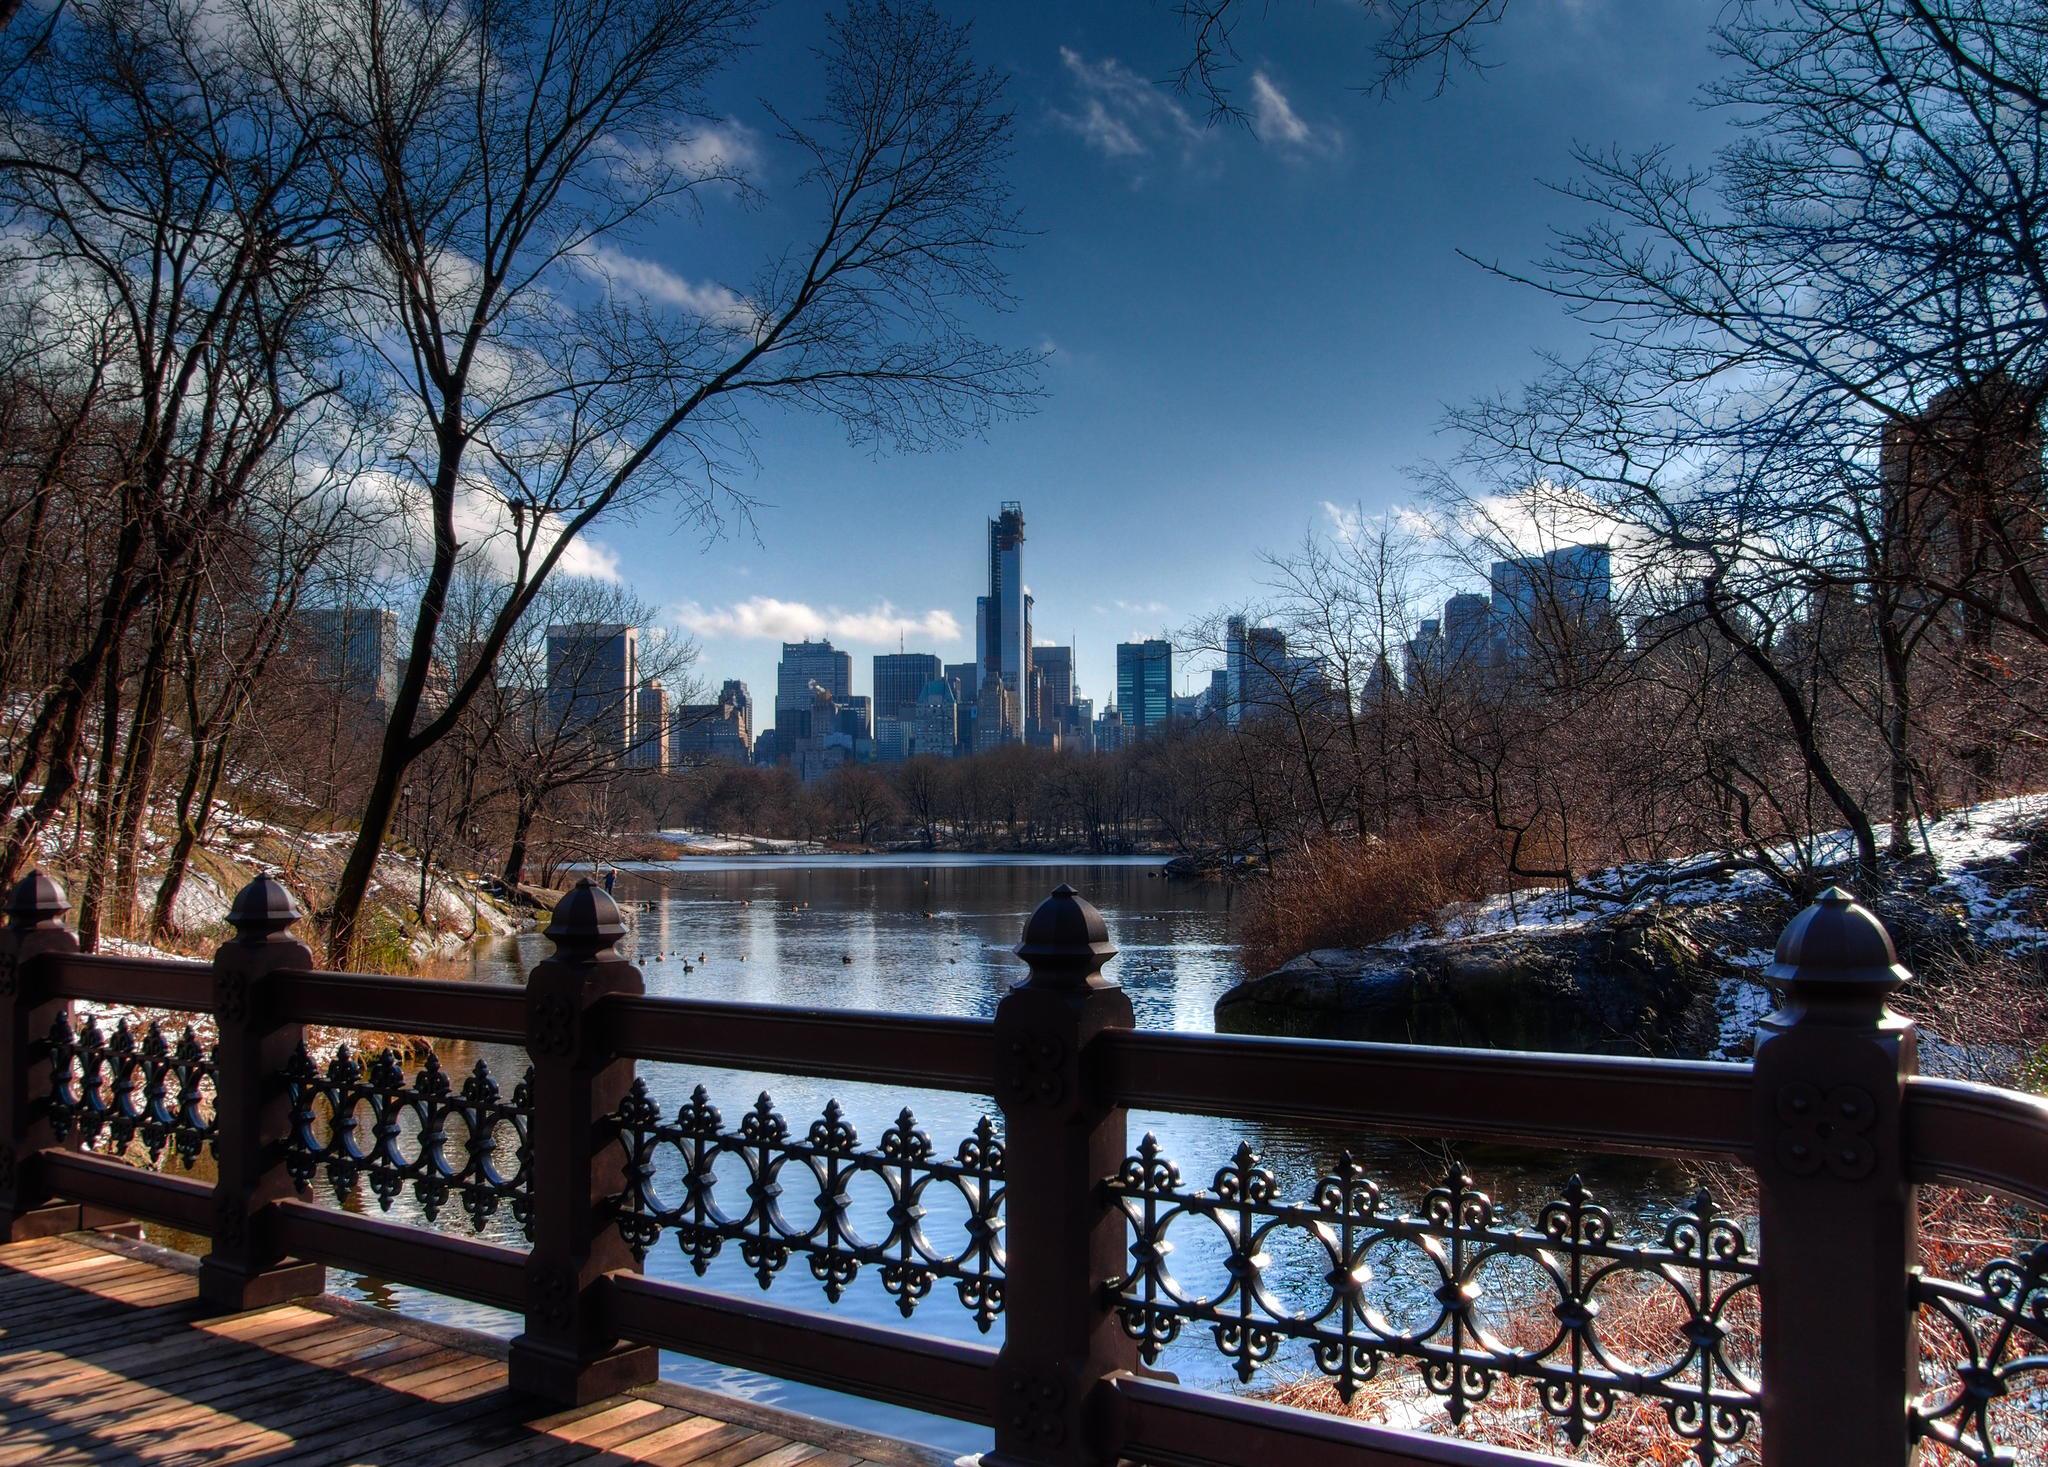 New York Wallpaper Hd Fondos De Pantalla De Nueva York Wallpapers New York Hd